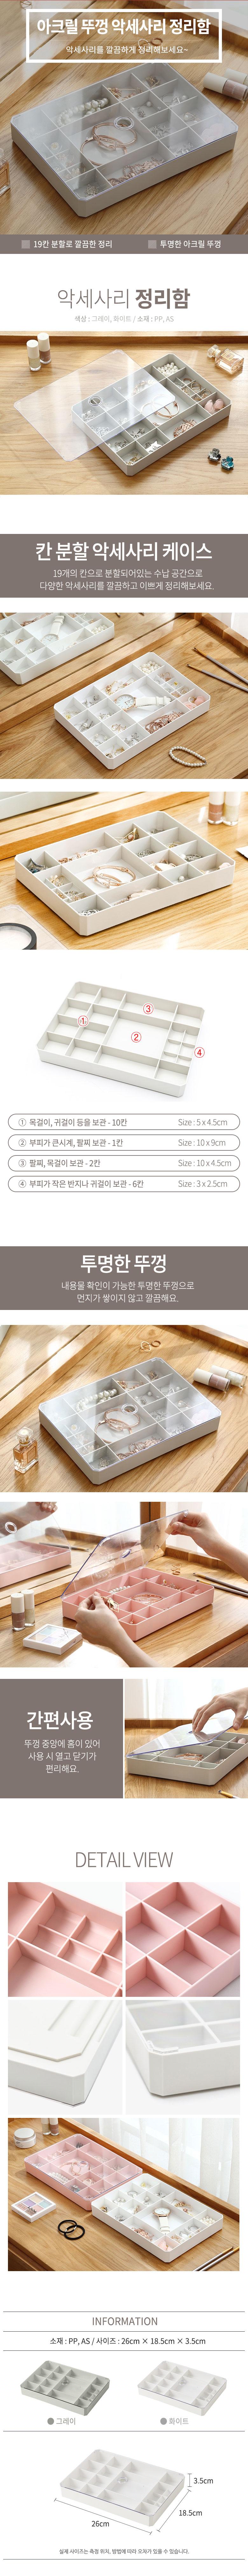 투명뚜껑 액세서리 목걸이 보관함 - 삼도, 5,900원, 보관함/진열대, 주얼리보관함